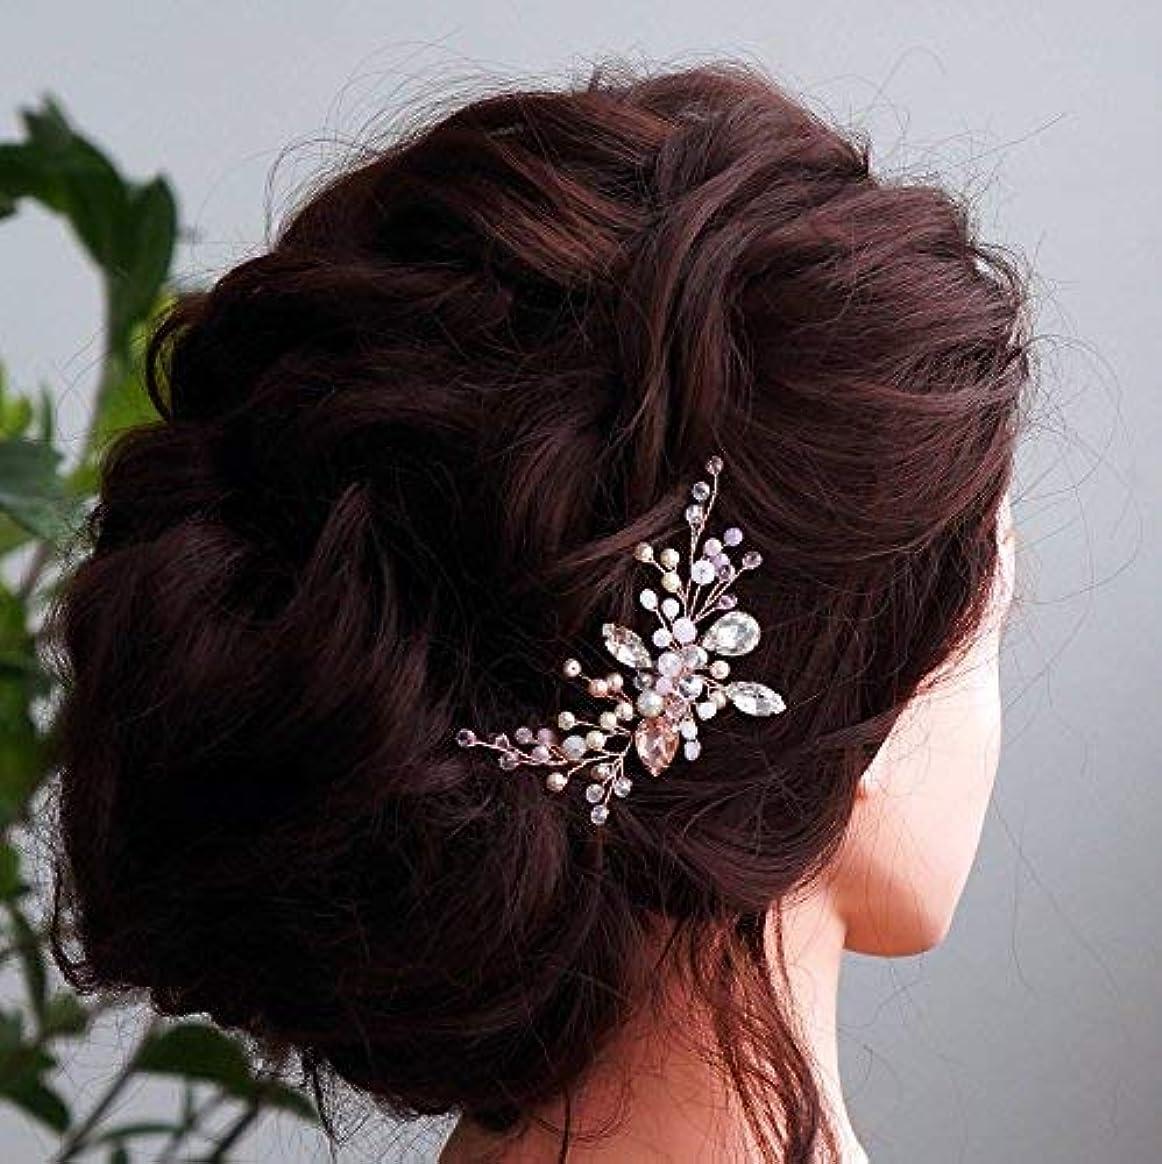 オークランド絶壁代理店Kercisbeauty Wedding Bridal Bridesmaids Flower Girl Pink Crystal Beads and Rhinestone Tiny Cute Hair Comb Headband...